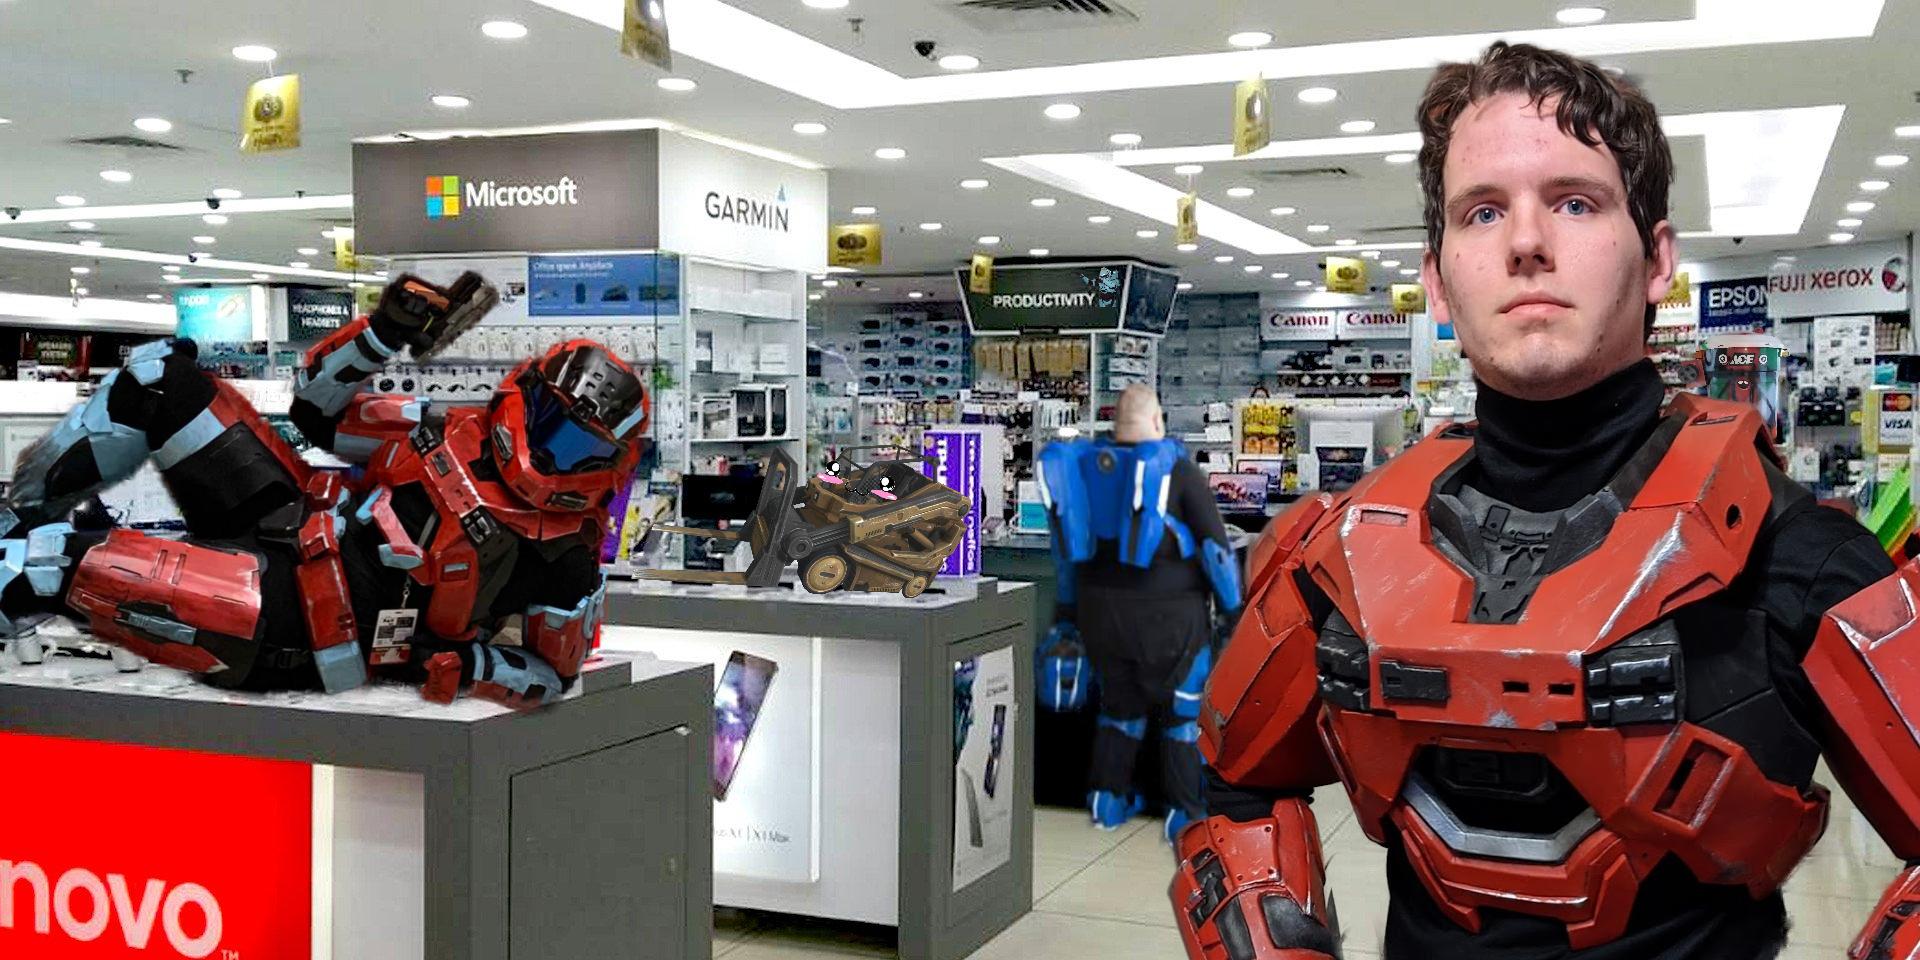 ad_randomrangers computer shop.png